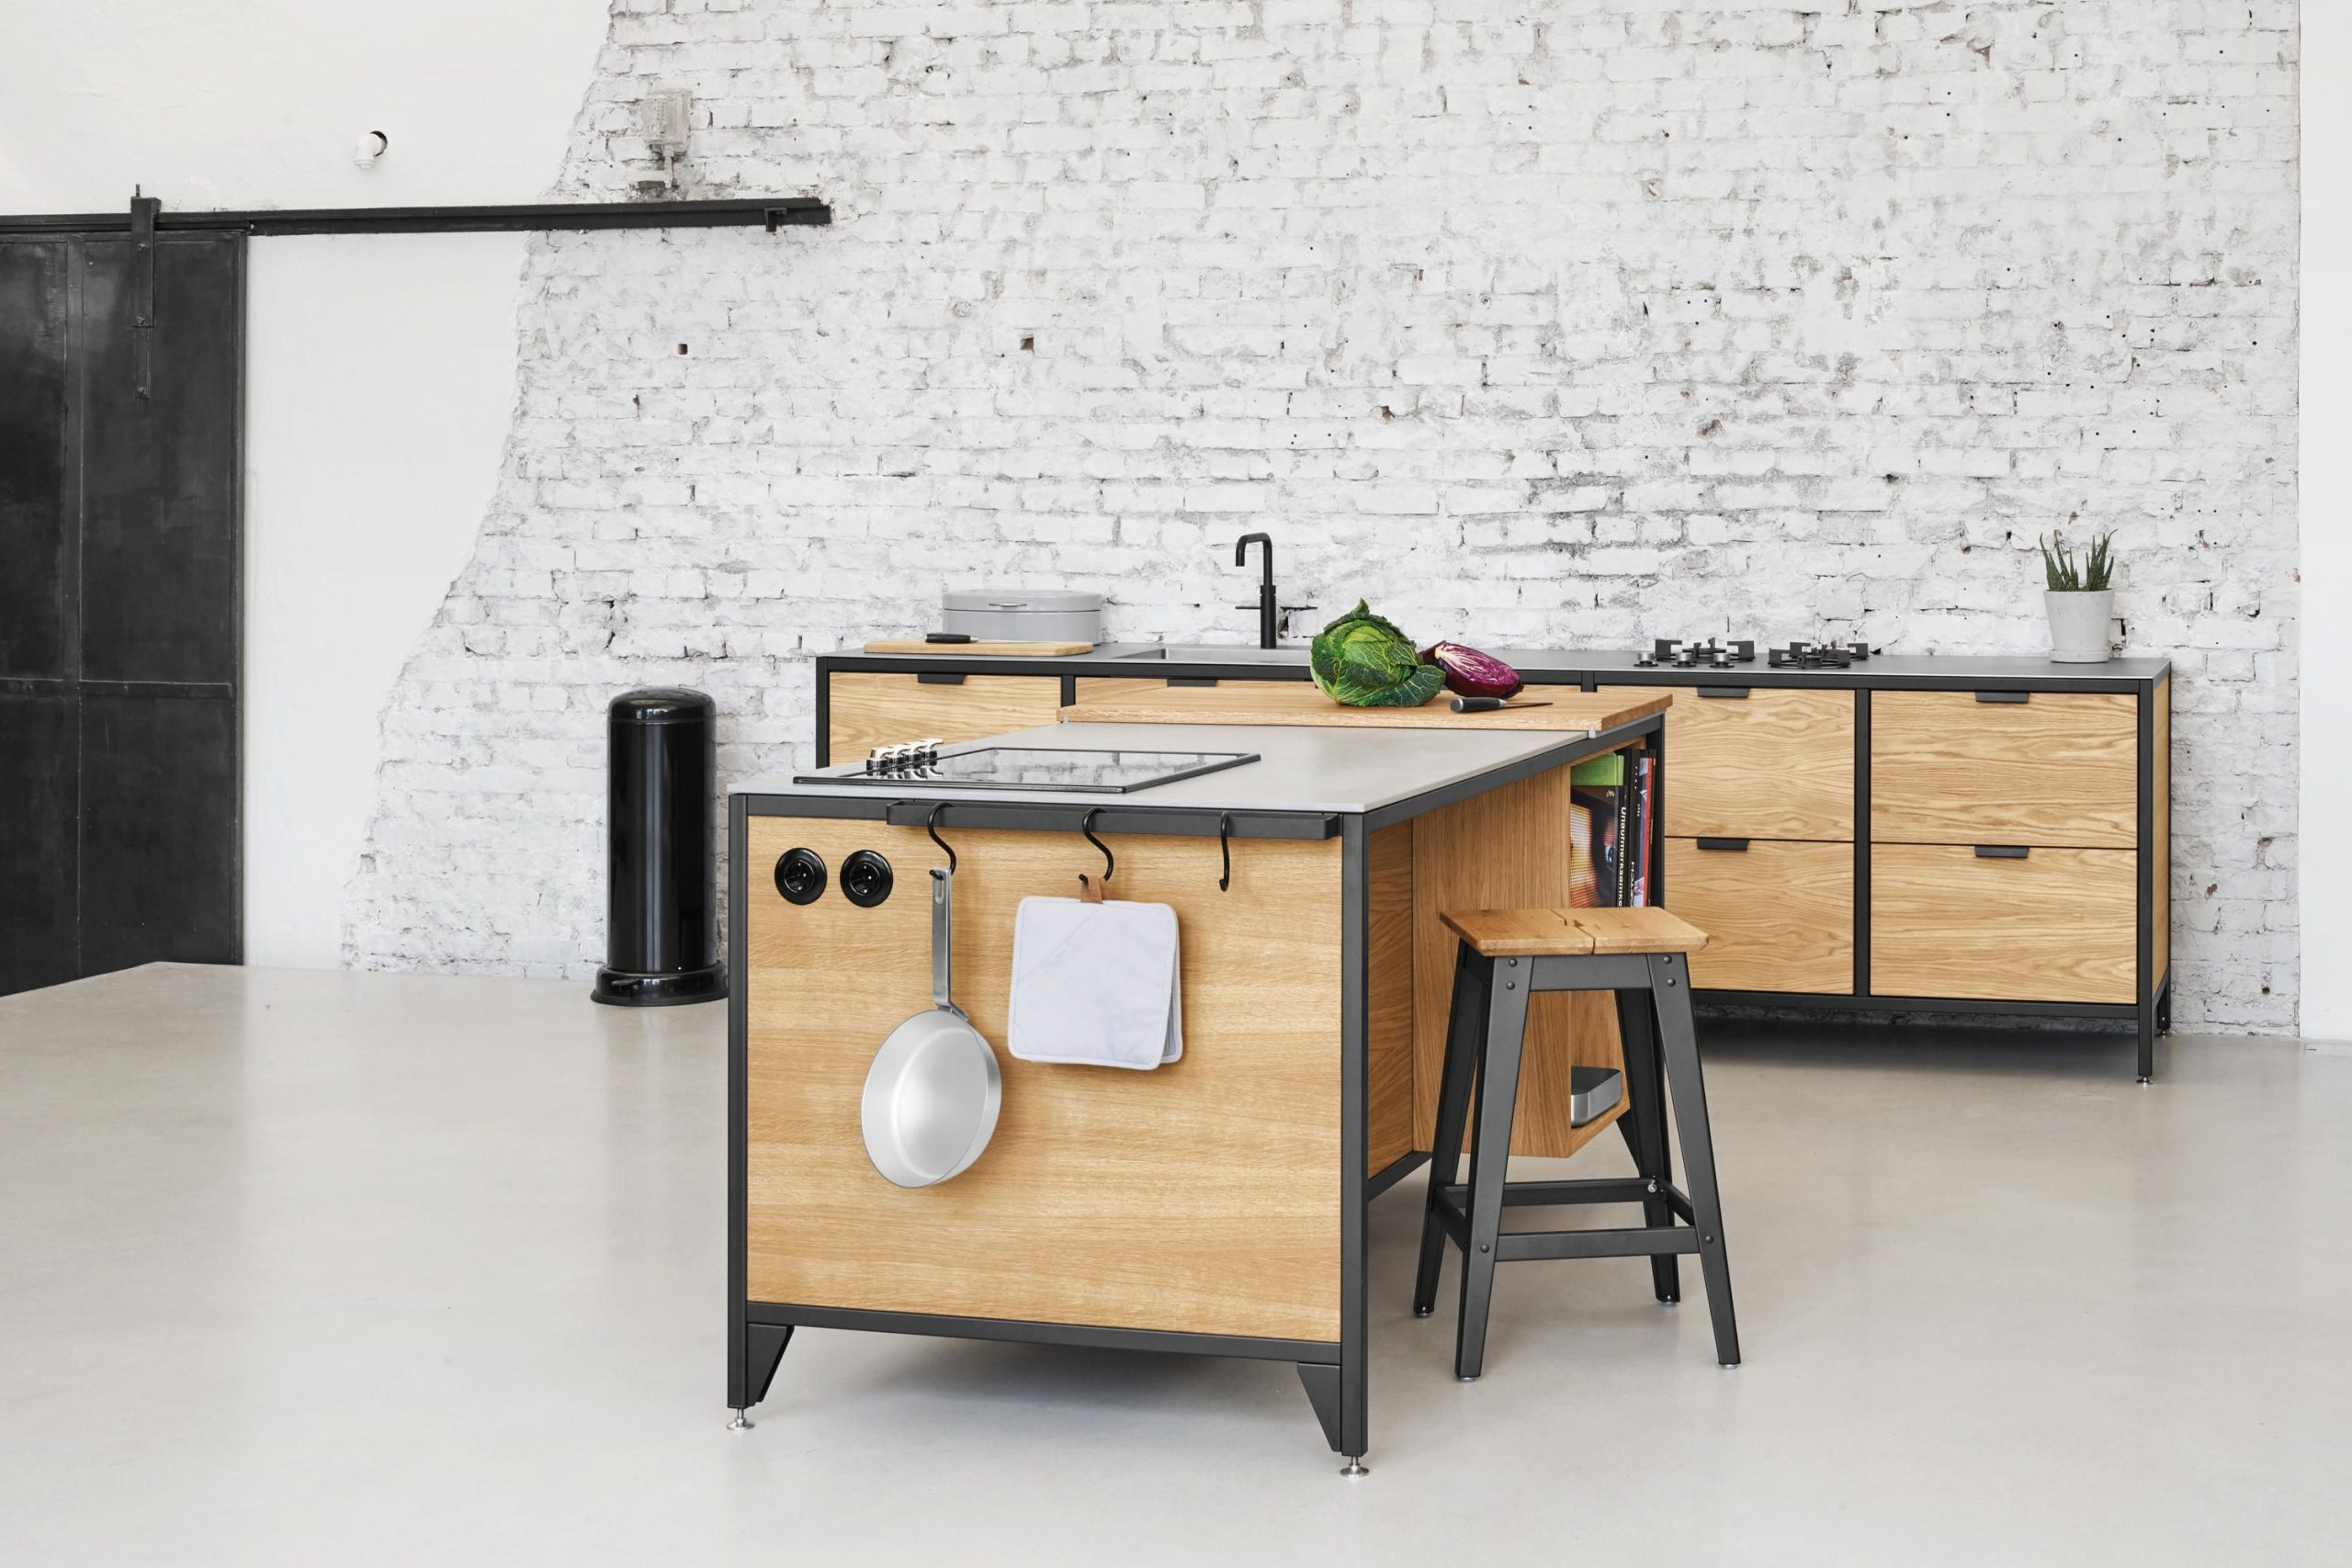 Full Size of Modulküche Ikea Betten 160x200 Küche Kaufen Kosten Holz Sofa Mit Schlaffunktion Bei Miniküche Küche Modulküche Ikea